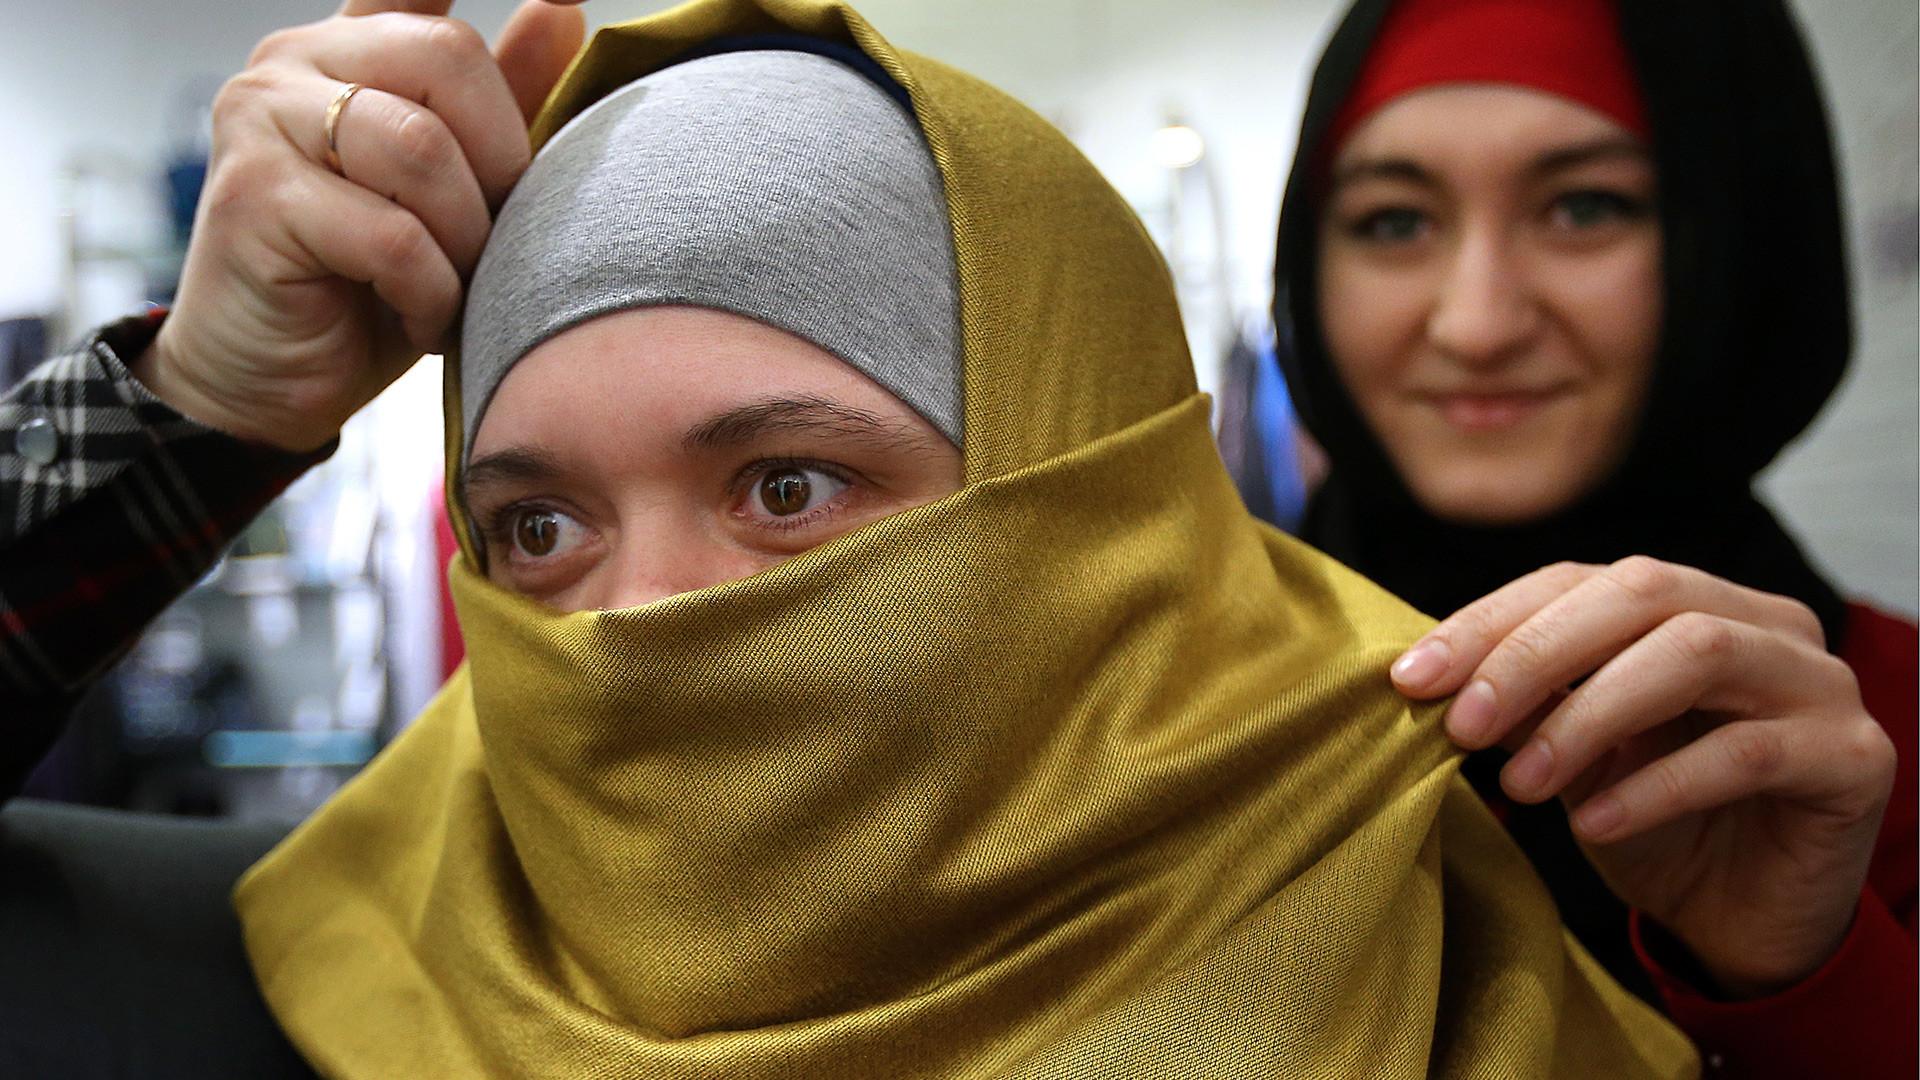 モスクワのショッピングセンターでヒジャブを選ぶ女